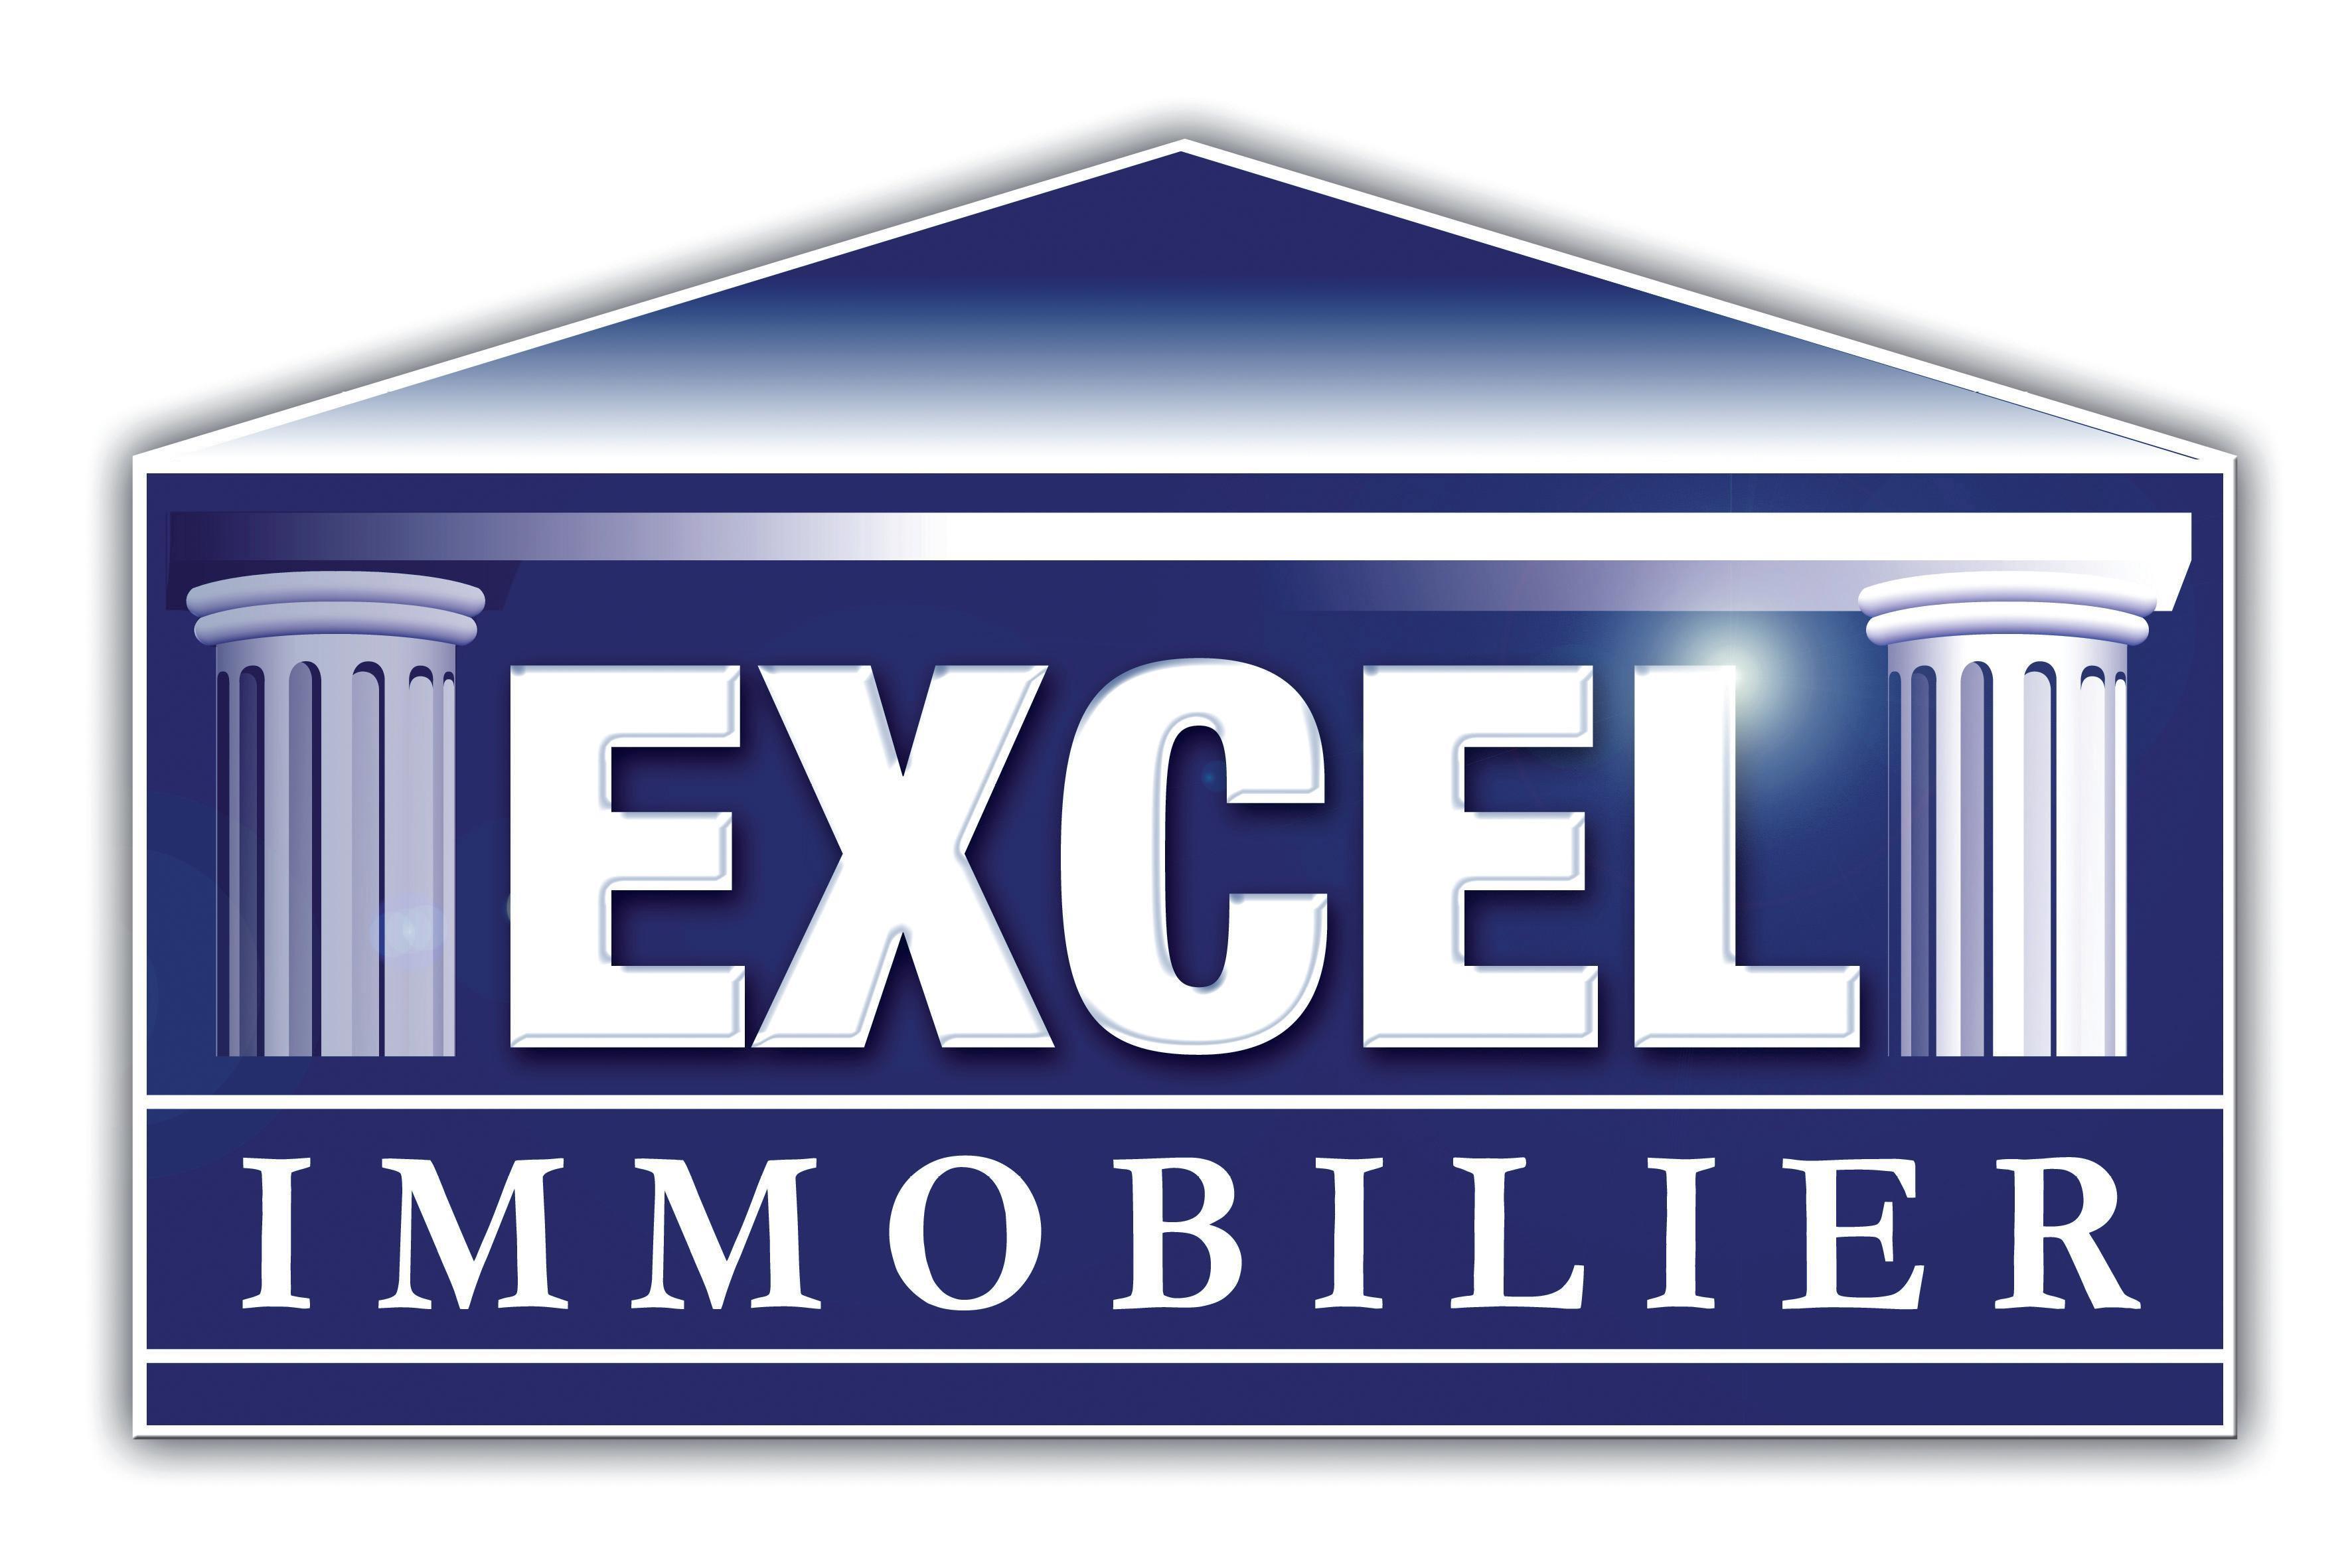 Image de l'agence Excel immobilier